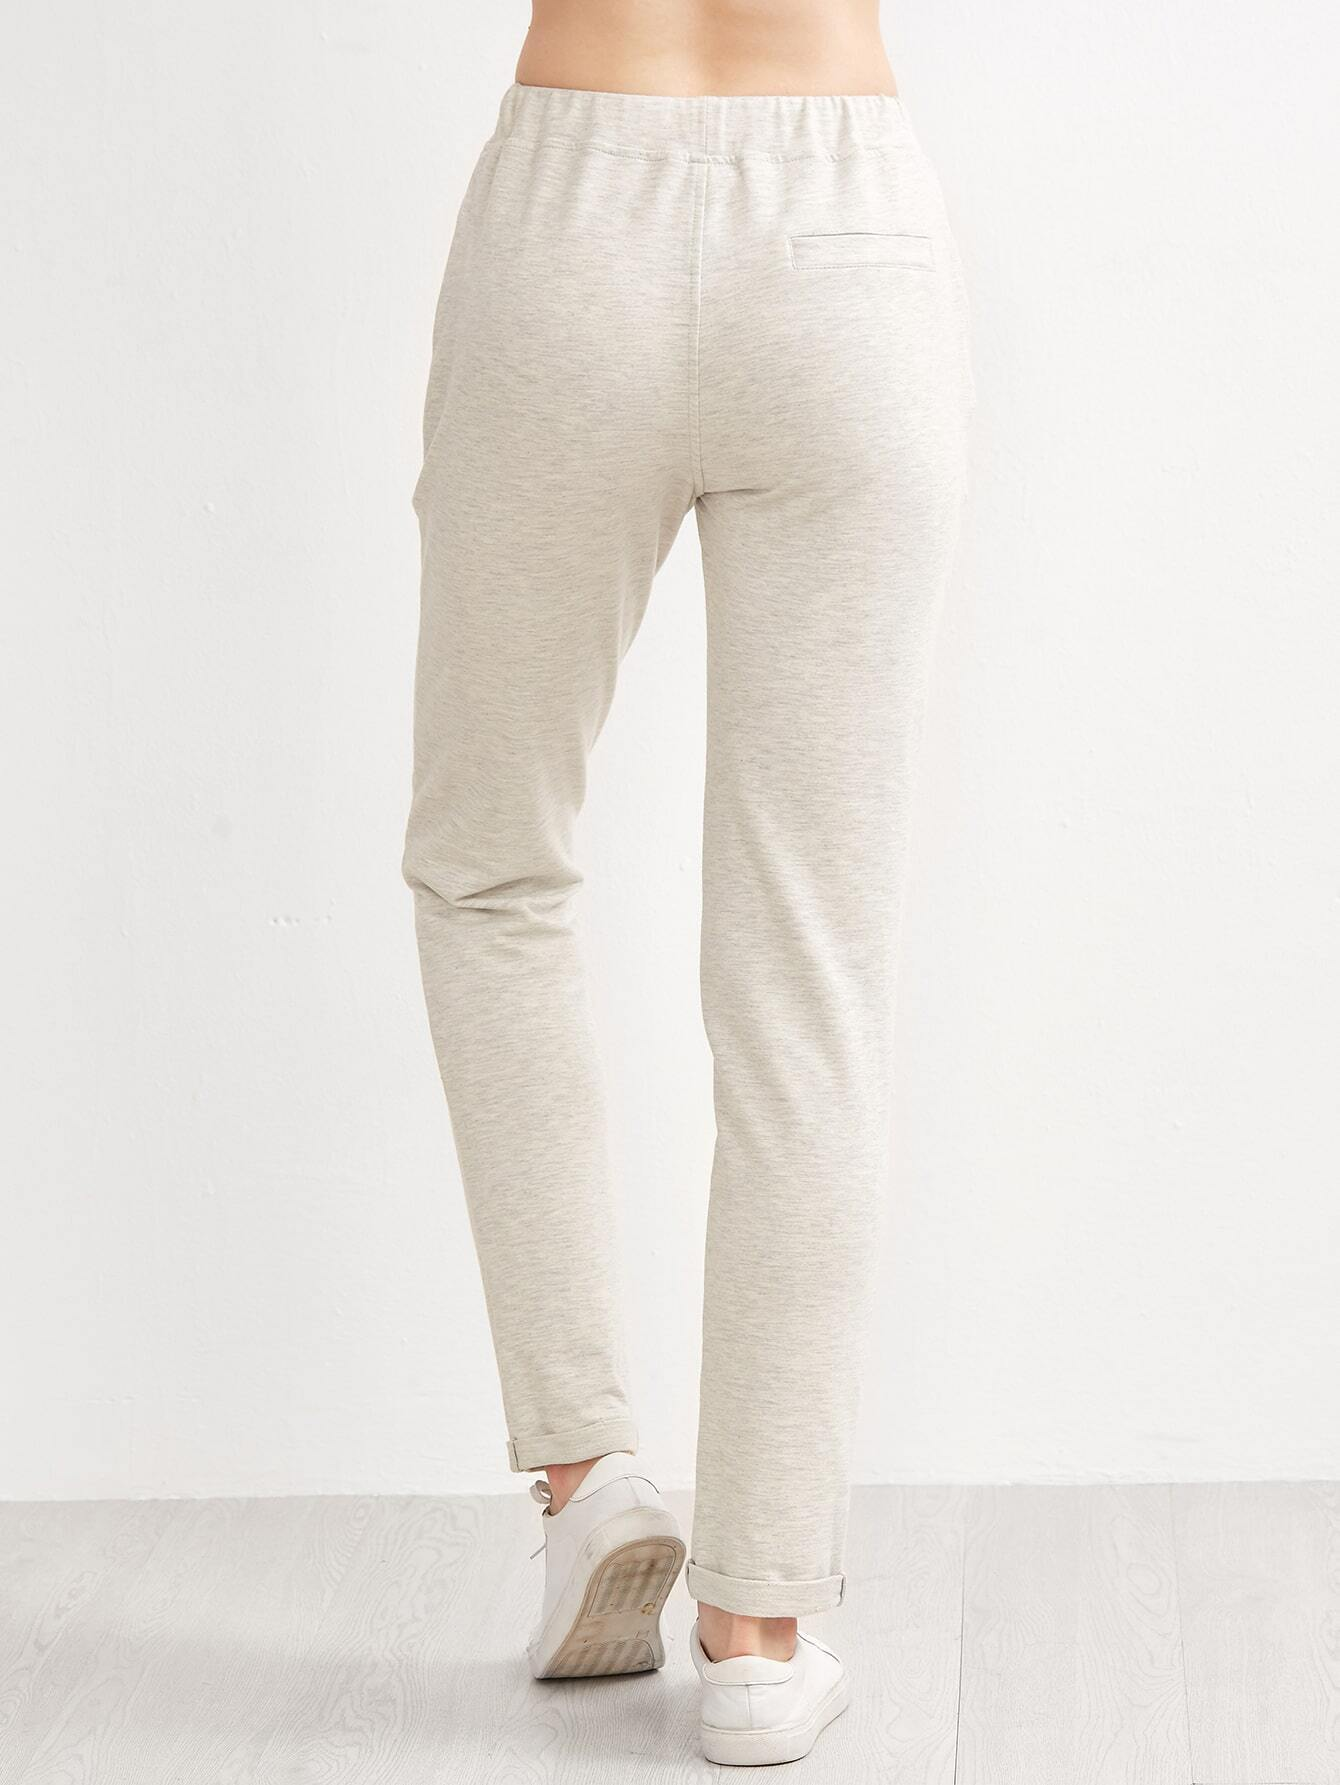 pants160905701_2